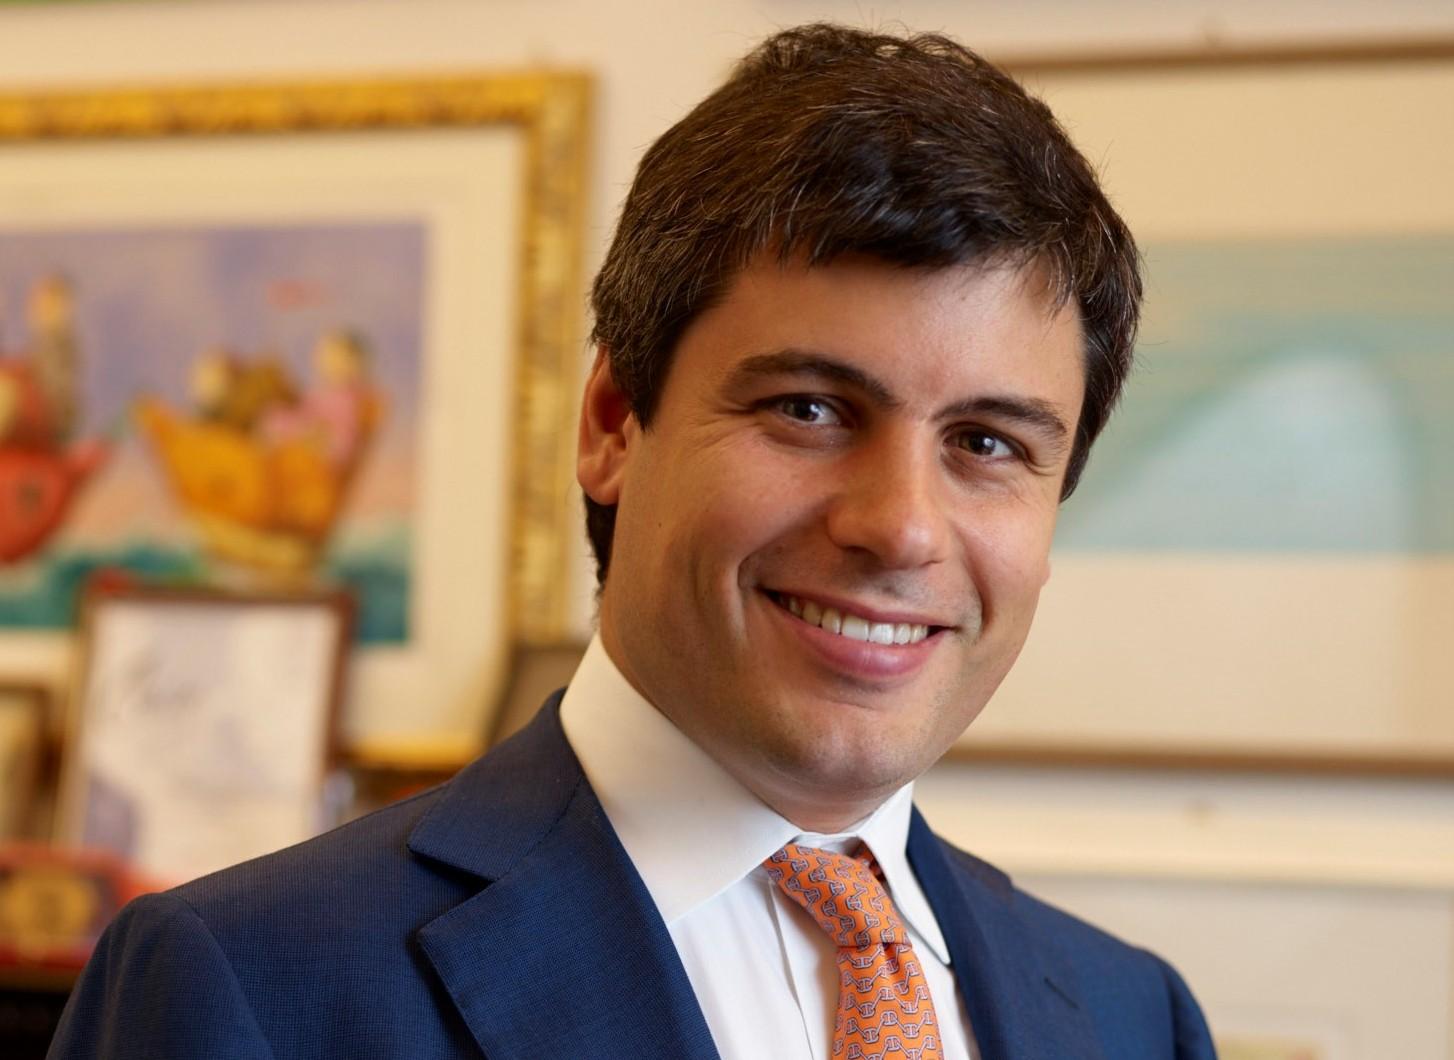 Gruppo Giovani Armatori, Salvatore d'Amico eletto nuovo presidente